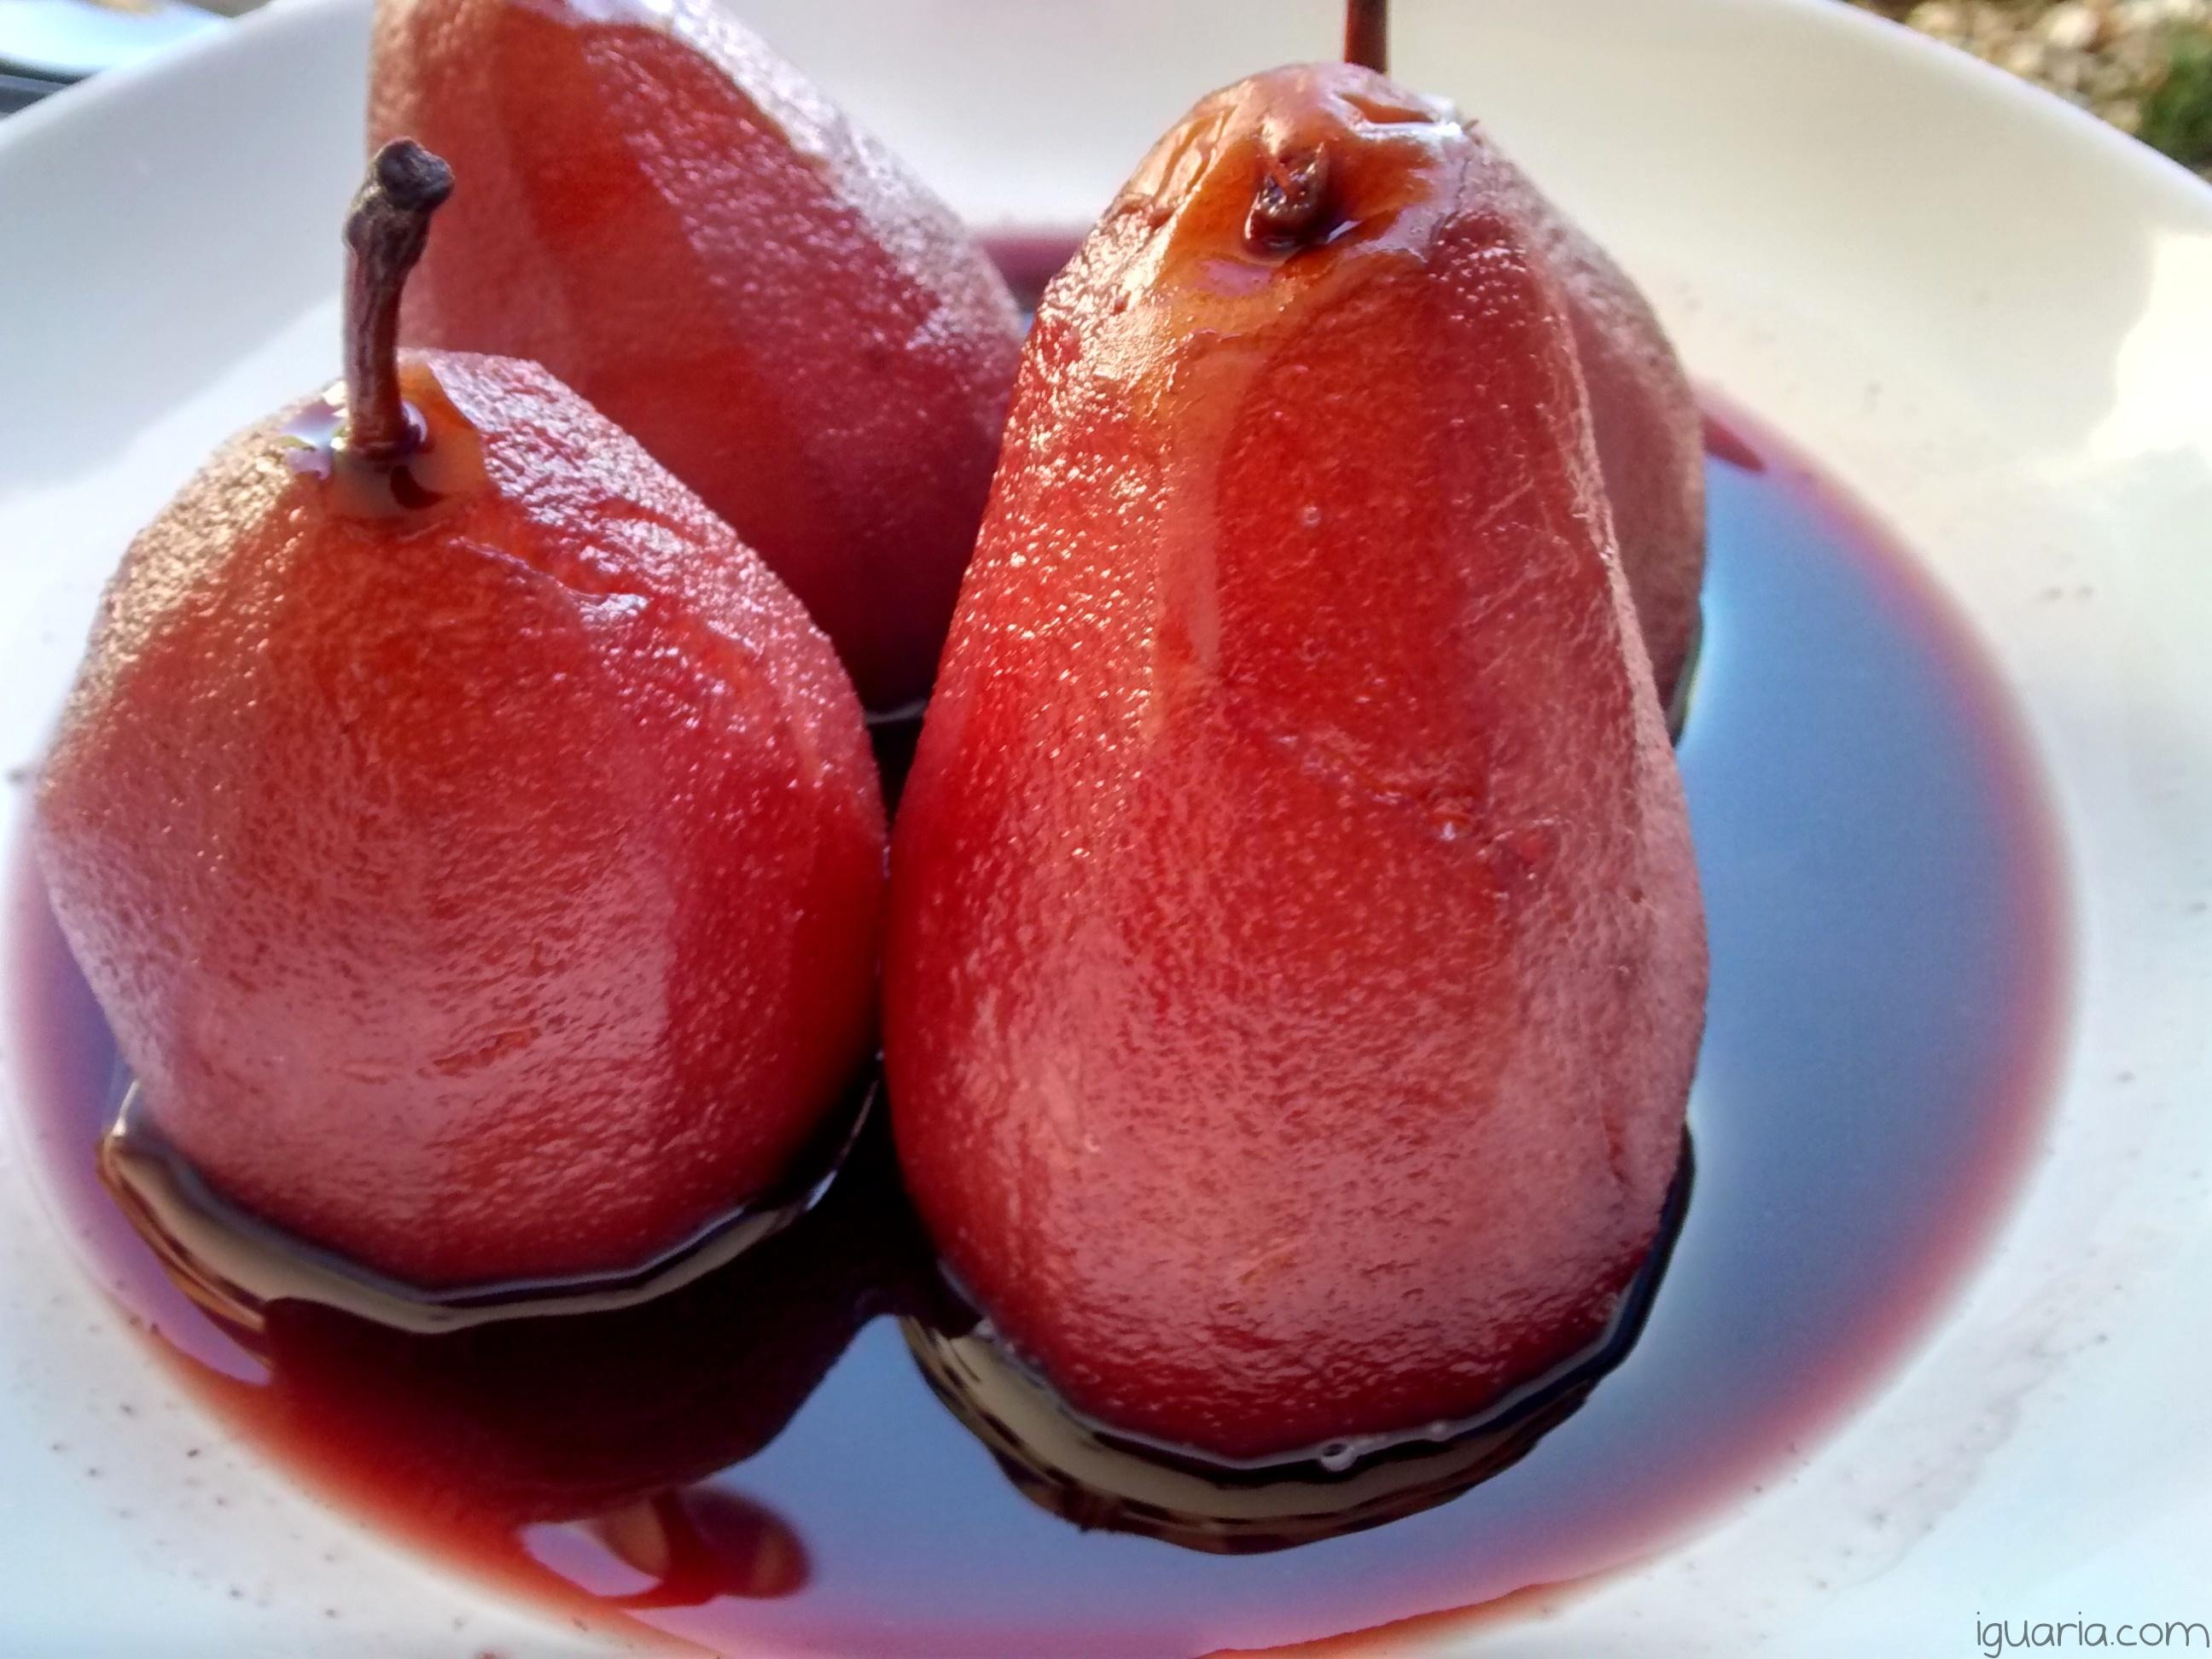 iguaria-peras-cozidas-no-vinho-porto-receitas-fim-do-ano